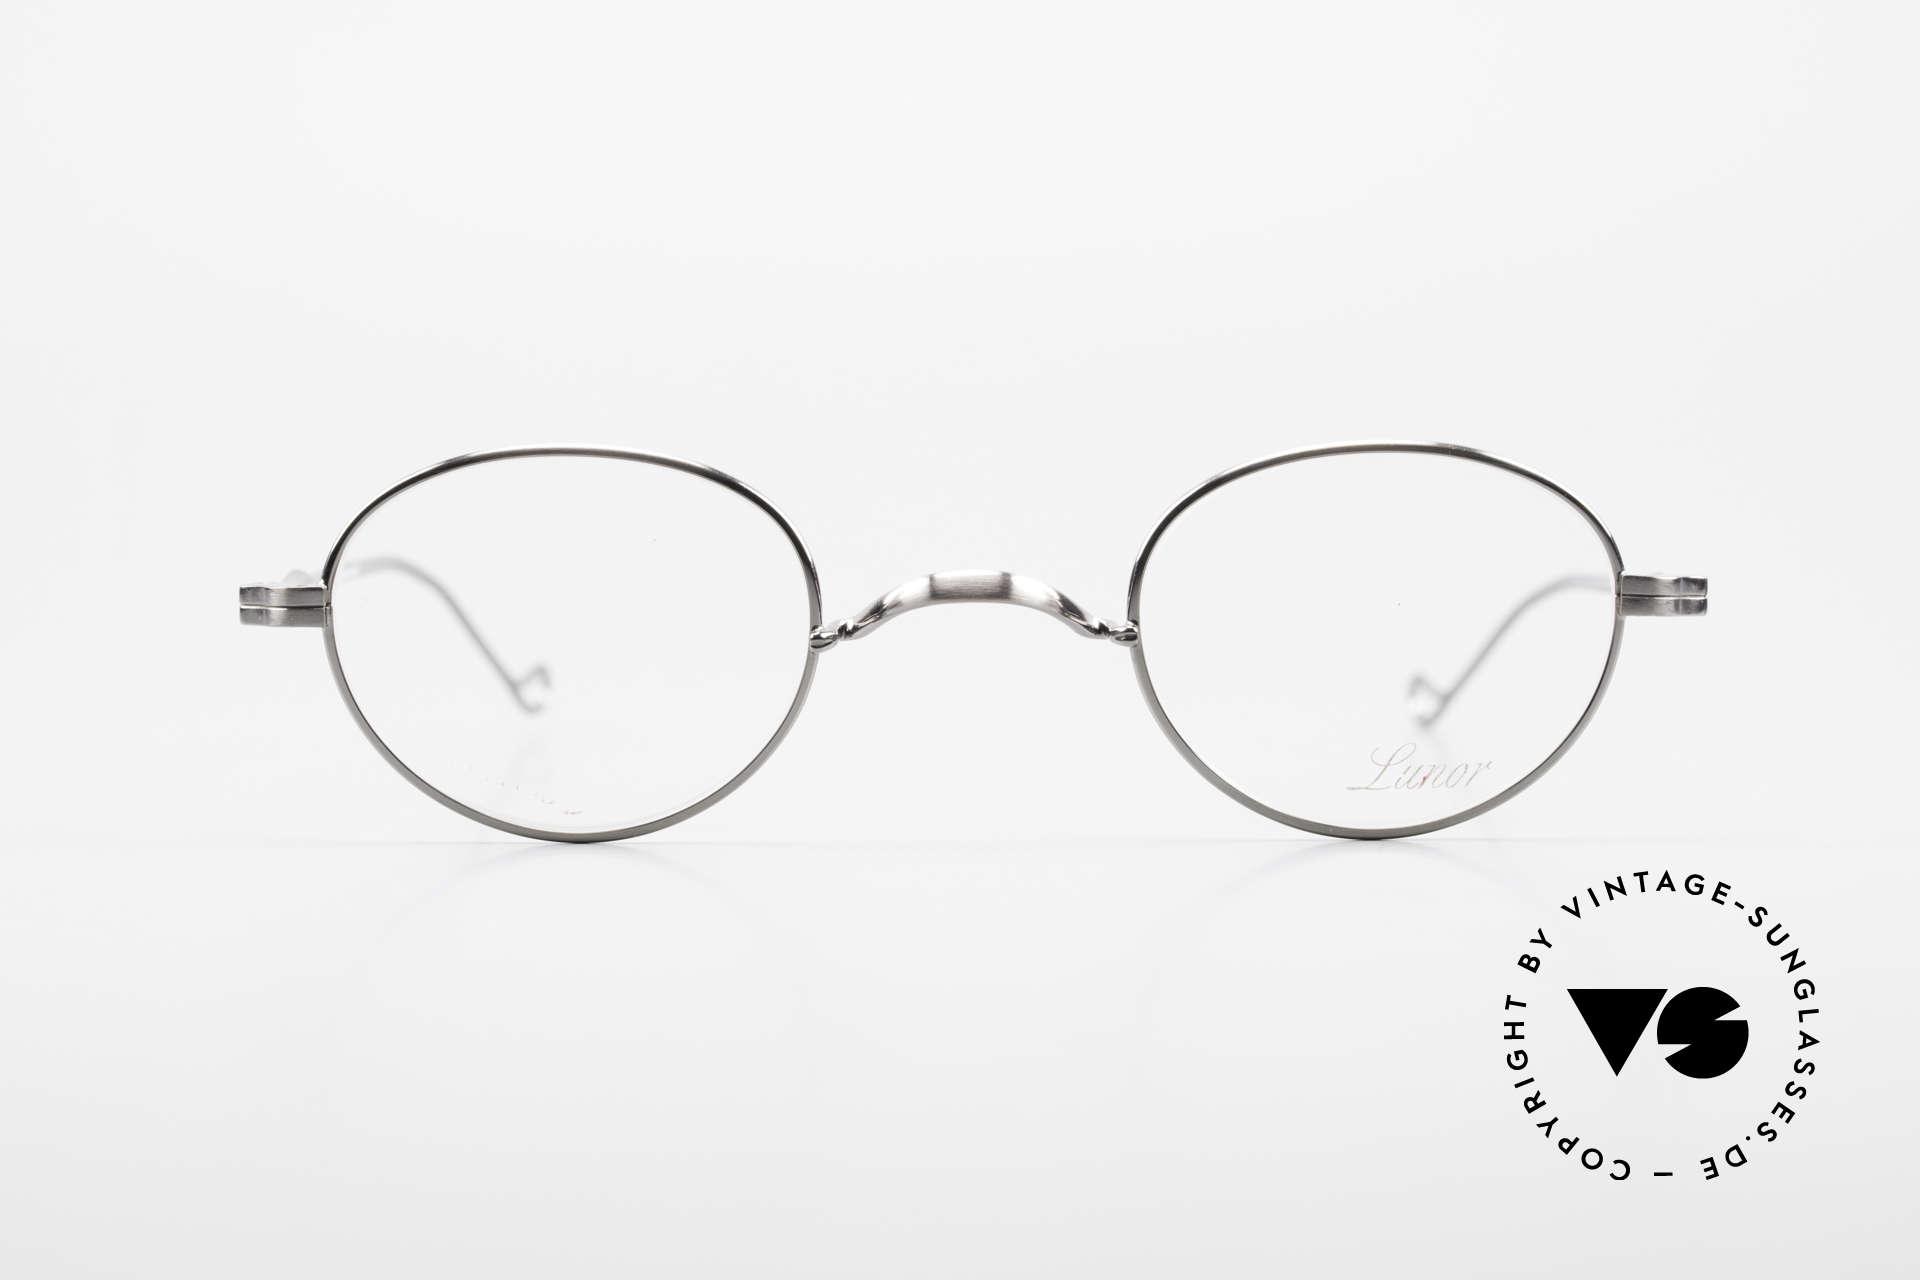 Lunor II 20 Lunor Brille Klein Unisex 90er, Vollrand-Metallfassung mit hochwertigem Schutzlack, Passend für Herren und Damen